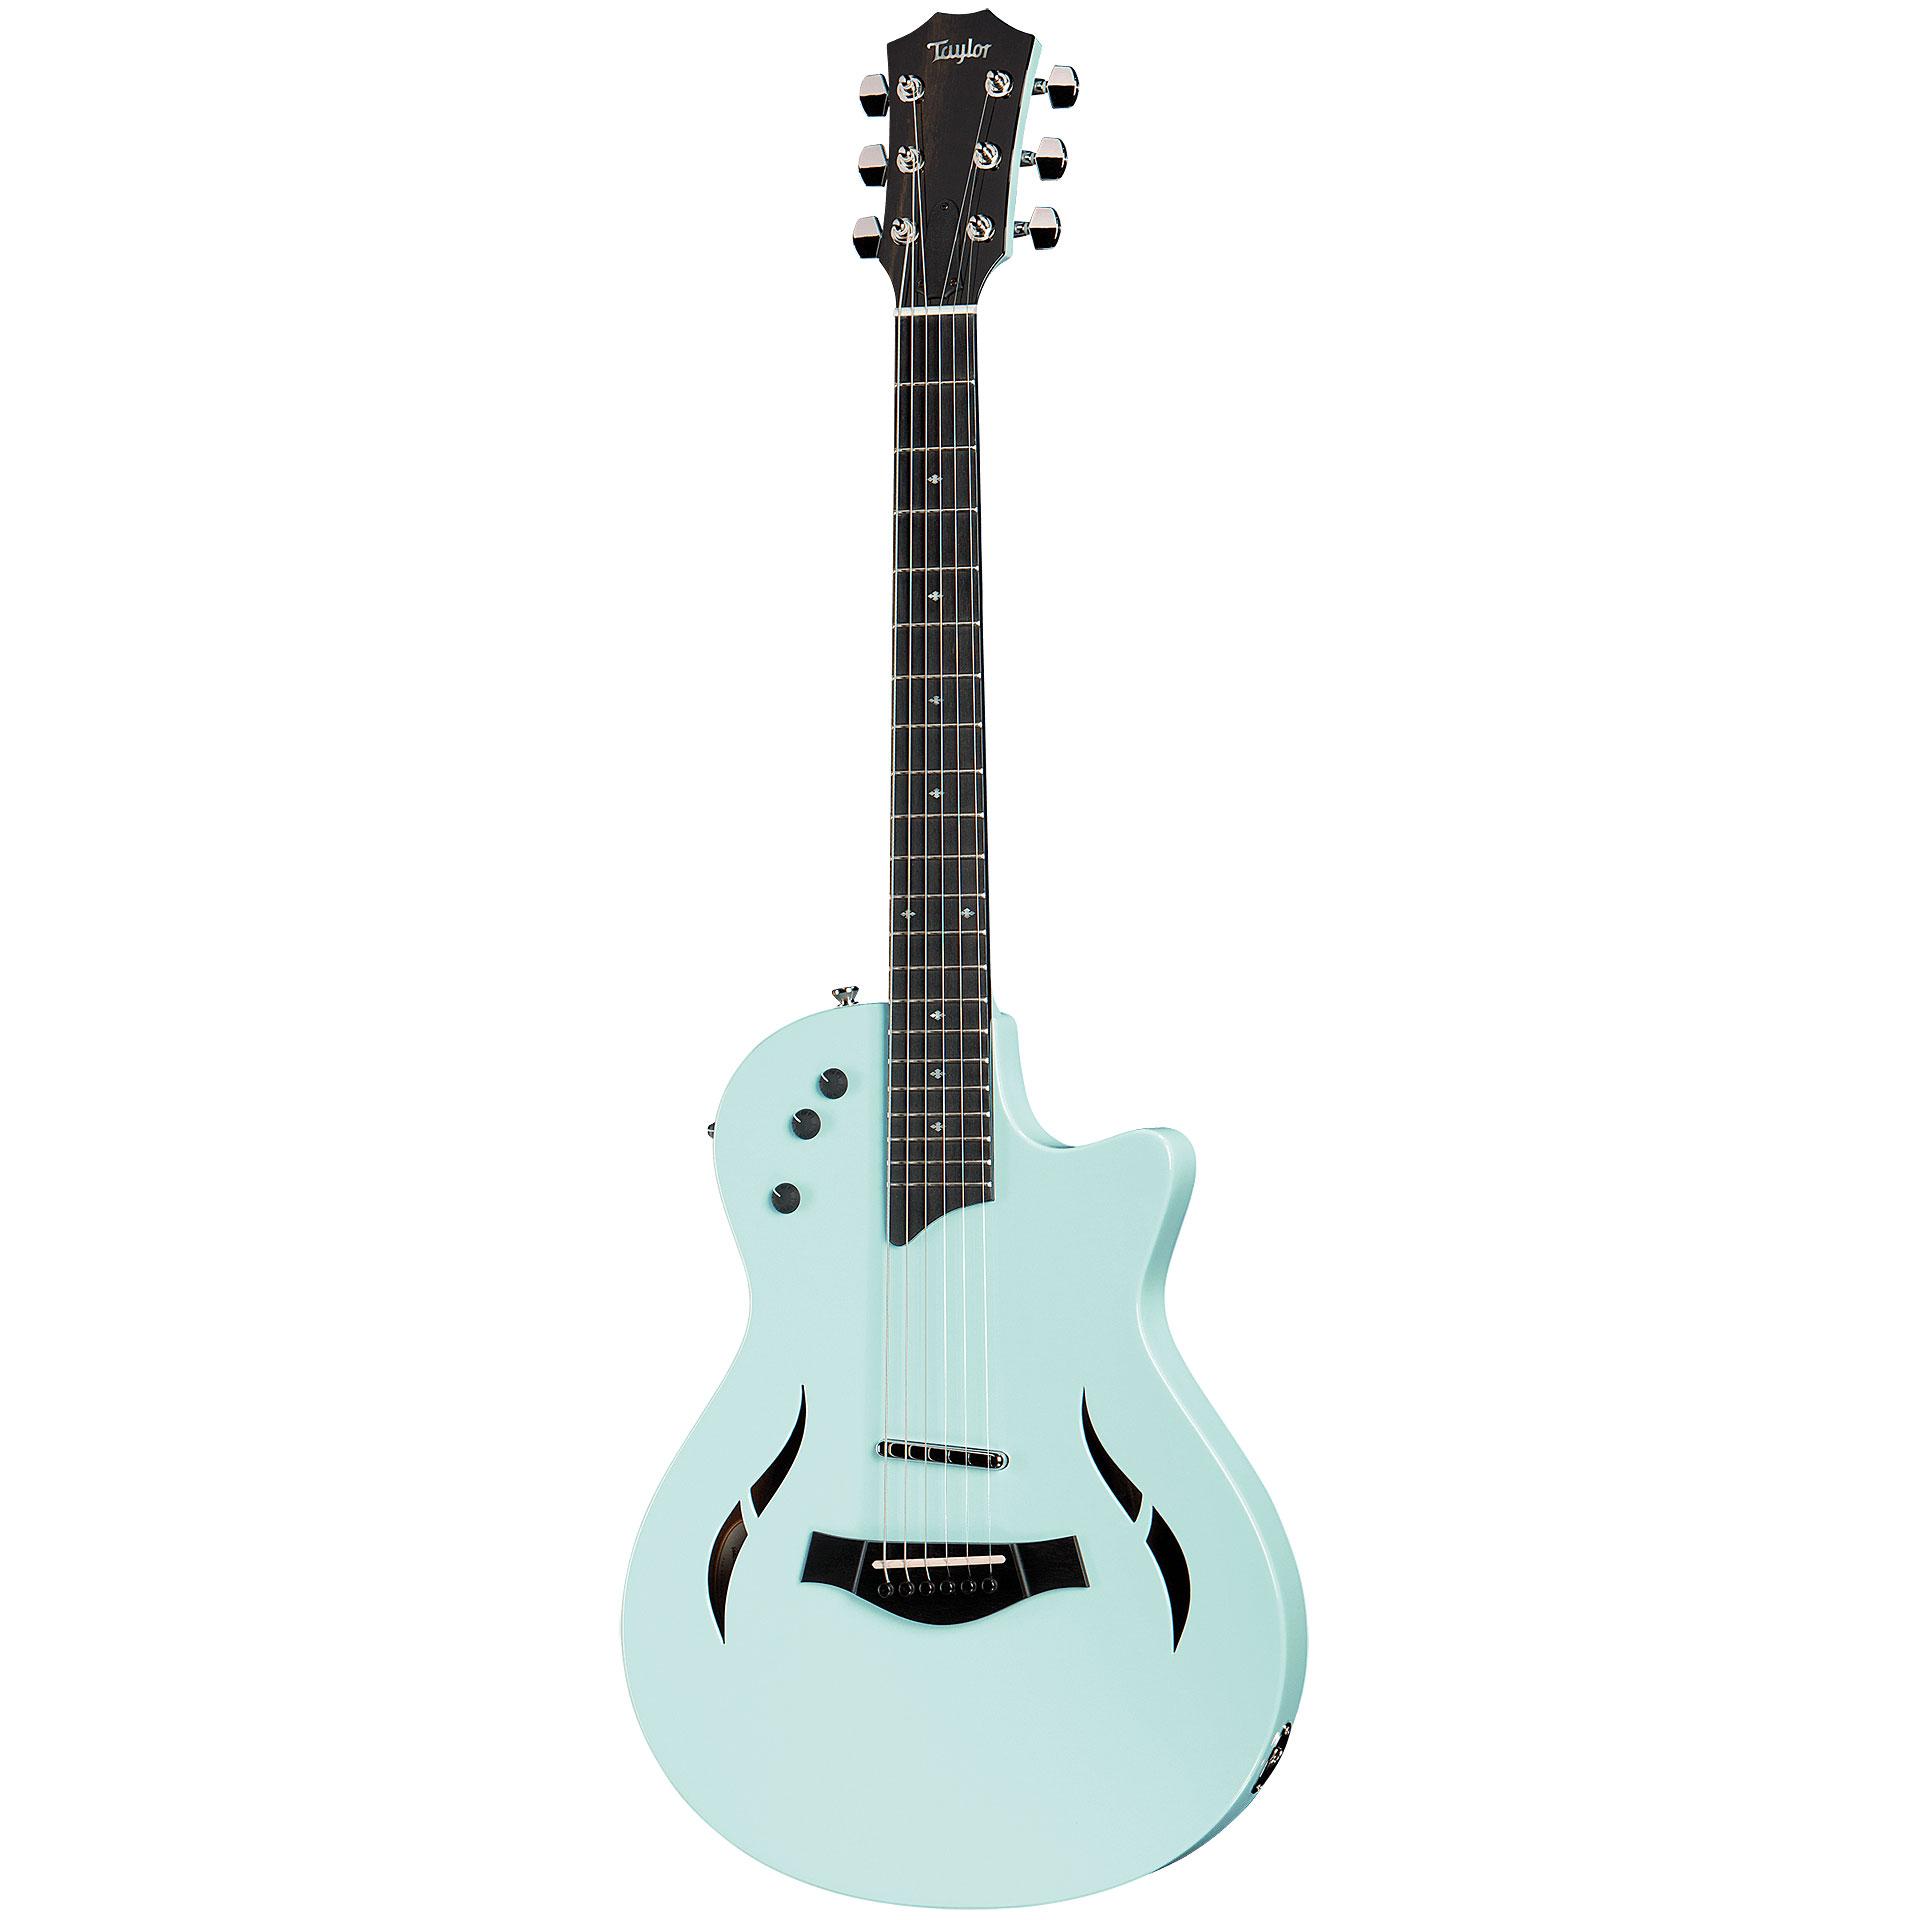 Taylor T5z Classic Dlx Ltd Sonic Blue 171 Acoustic Guitar